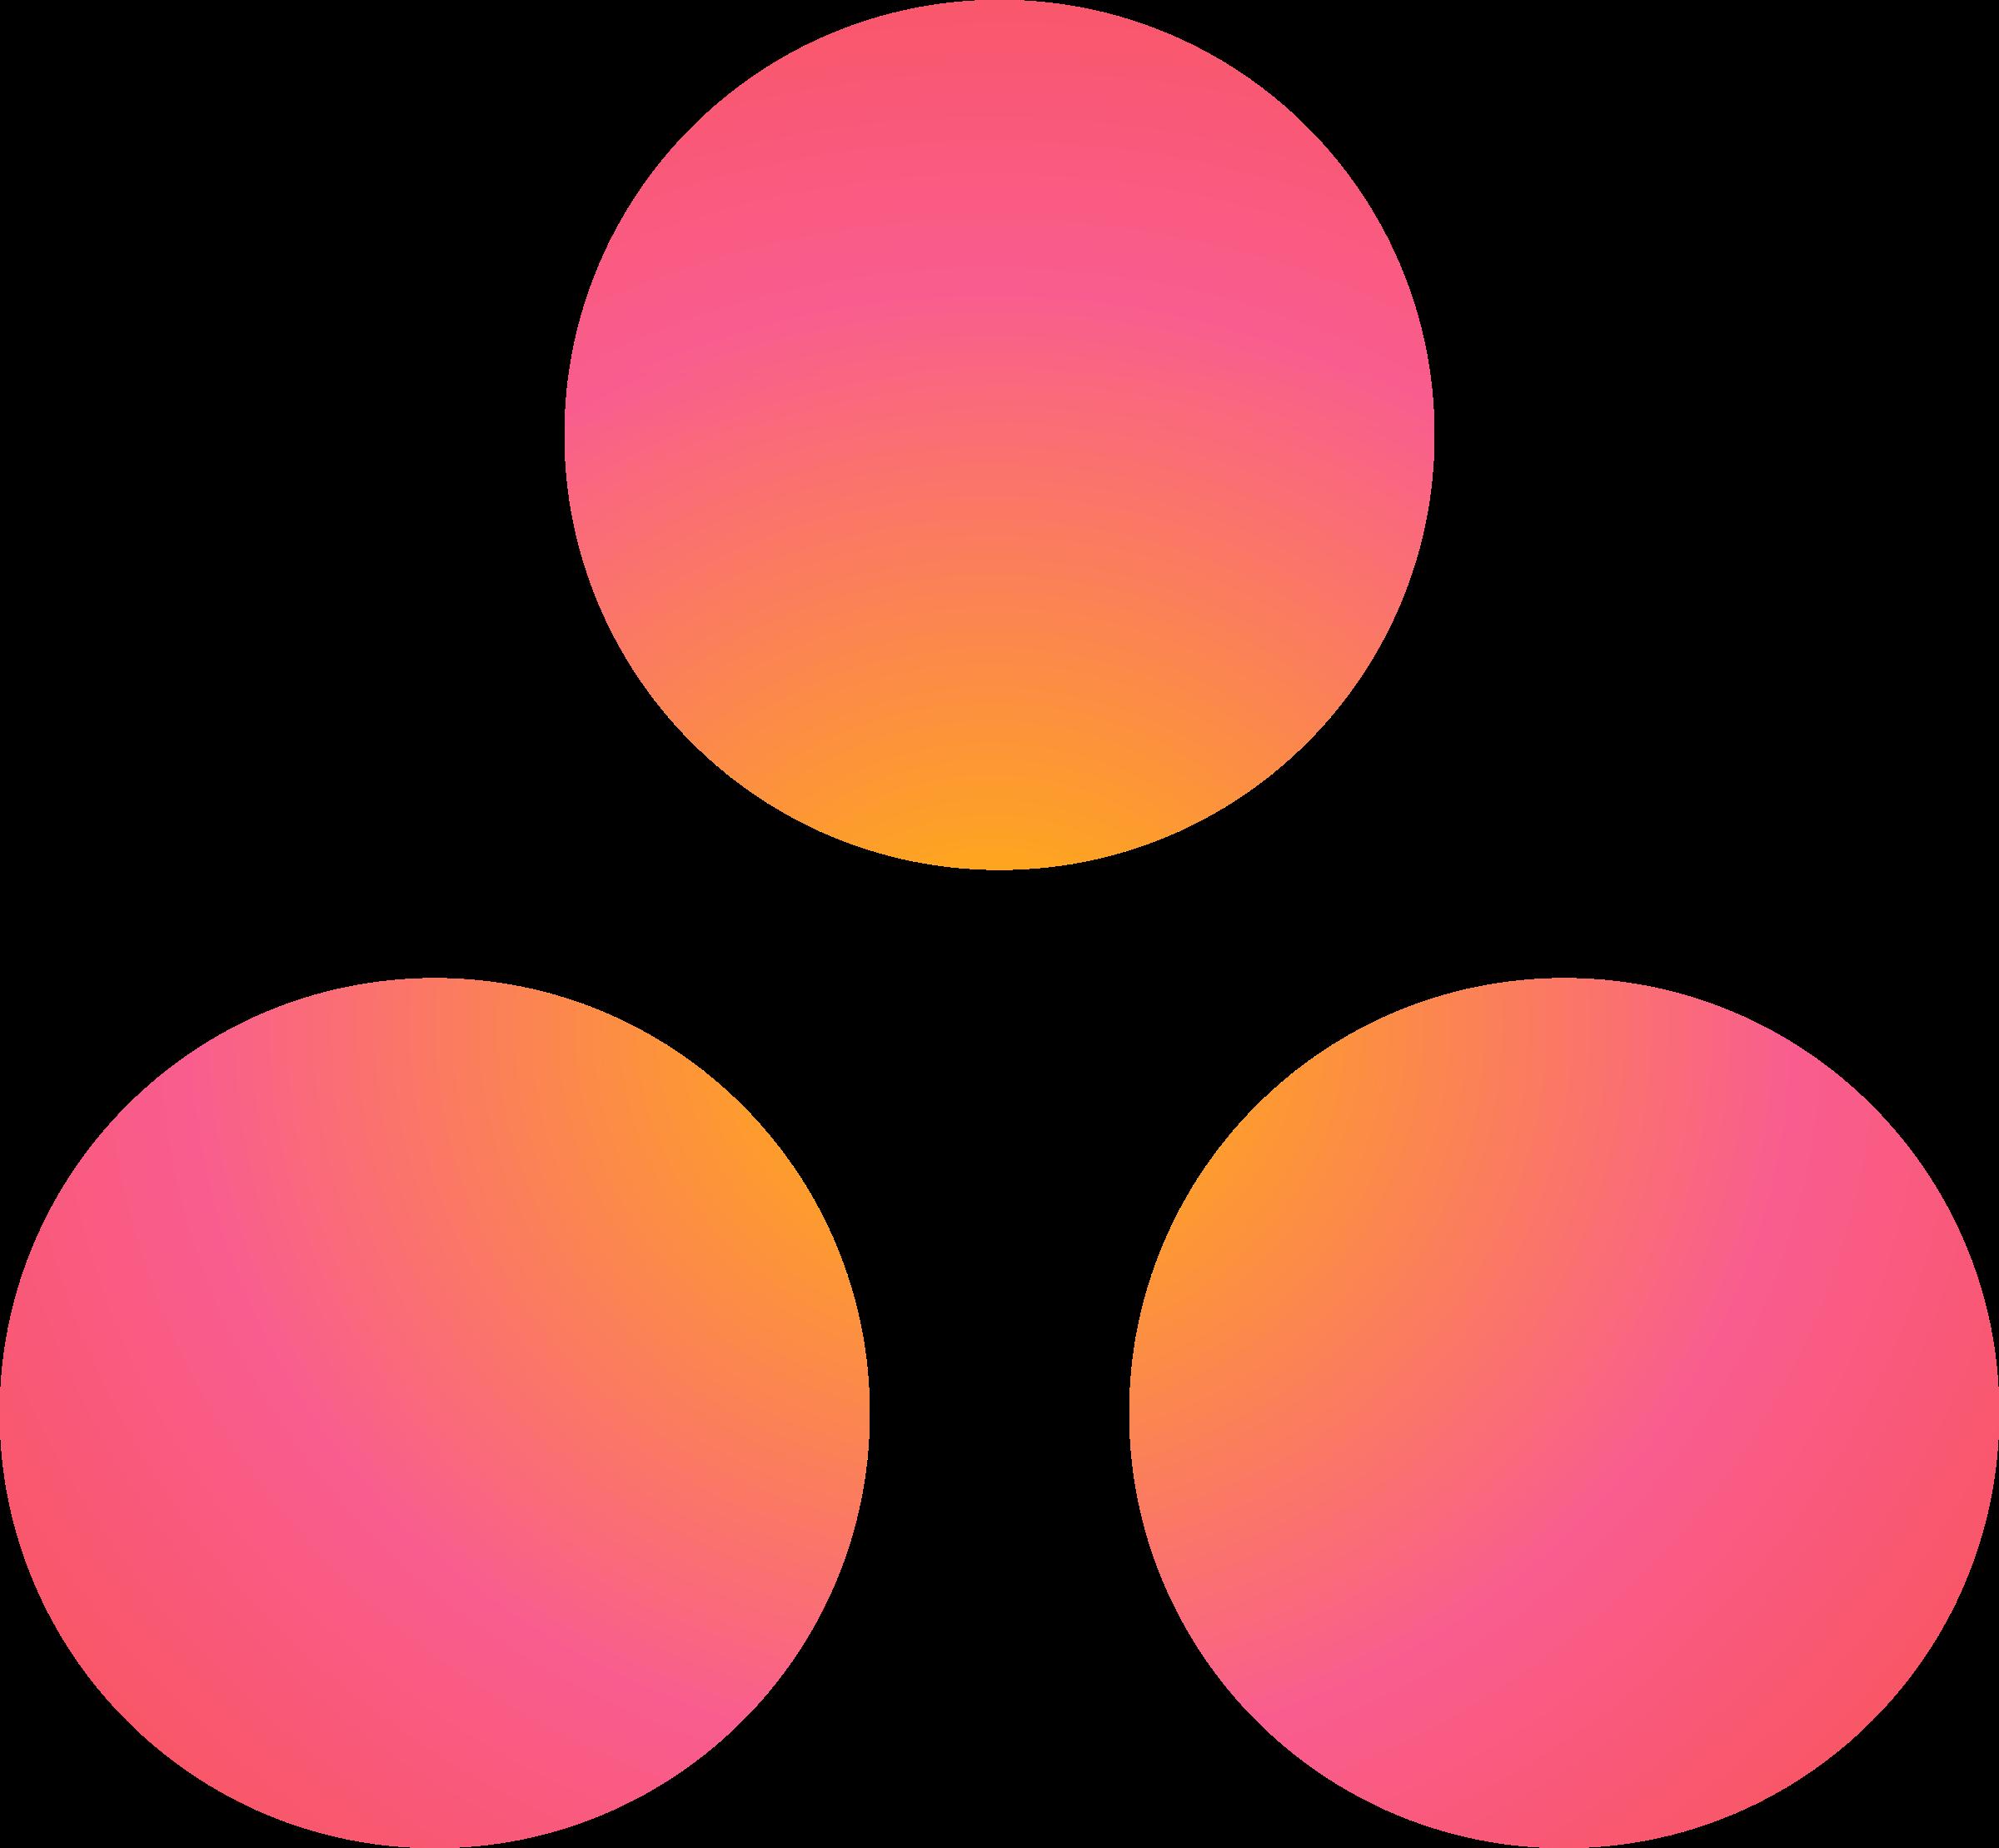 asana-logo-logo-png-transparent.png